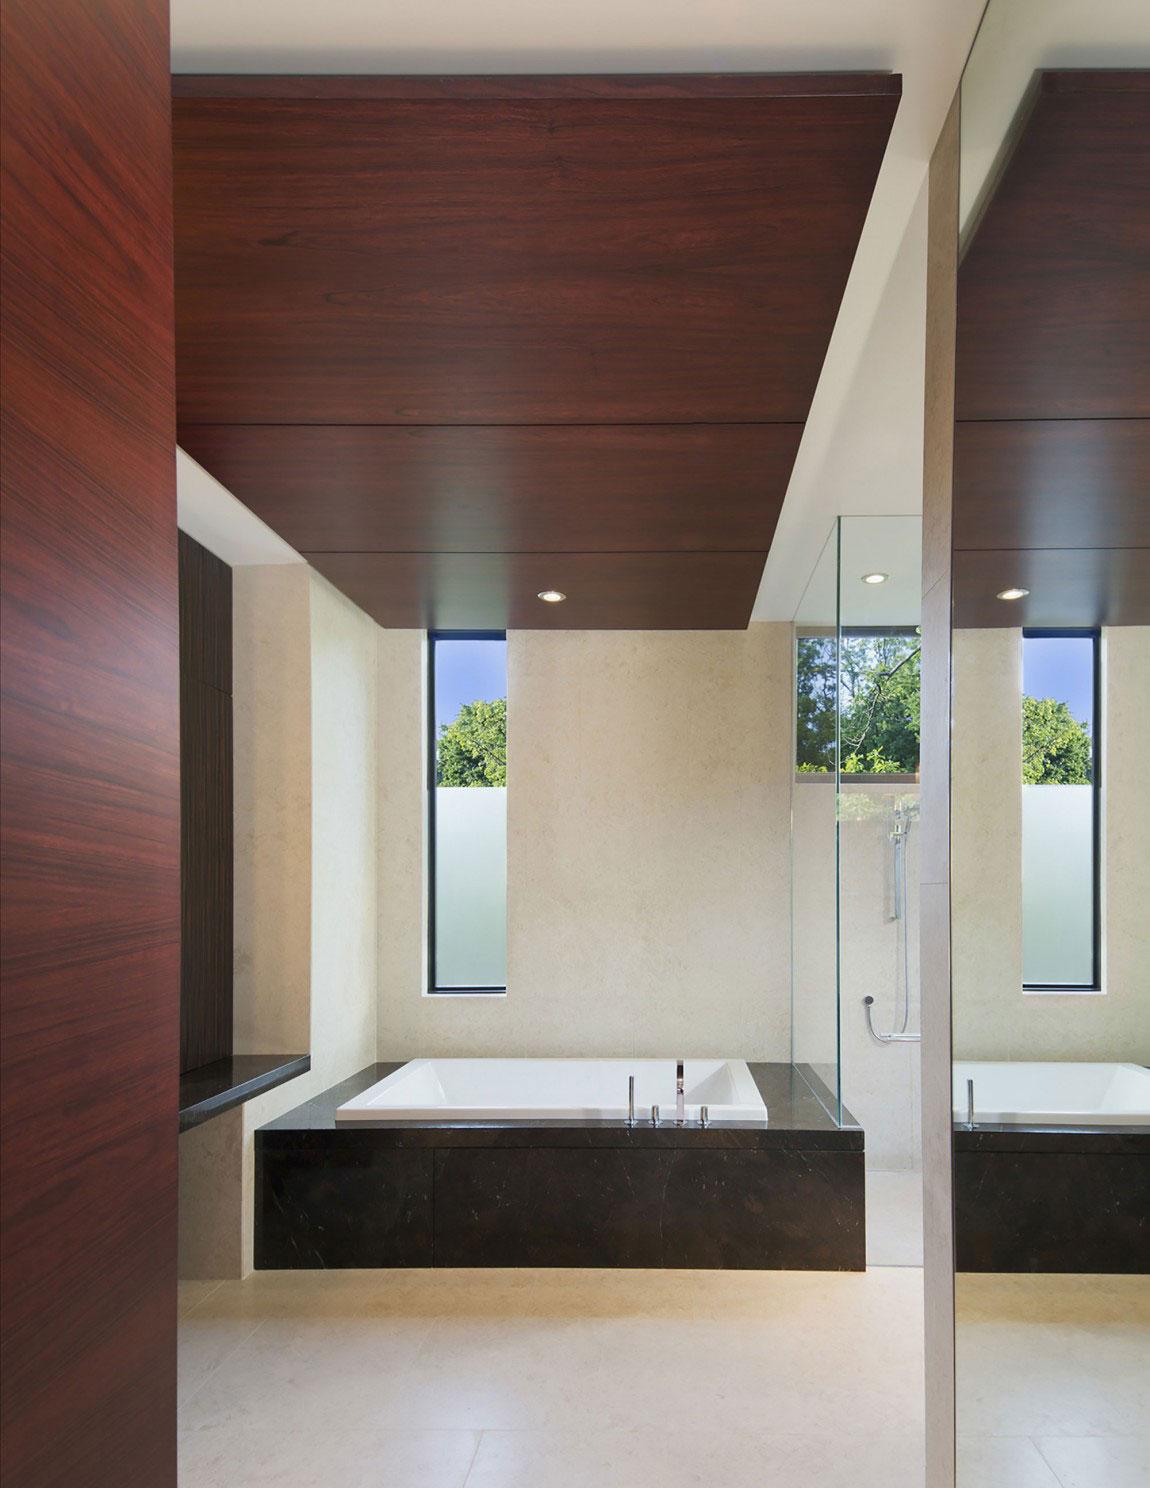 Brandywine-huset-är-en-inredning-och-arkitektur-inspiration-15 Brandywine-huset är en inspiration för inredning och arkitektur